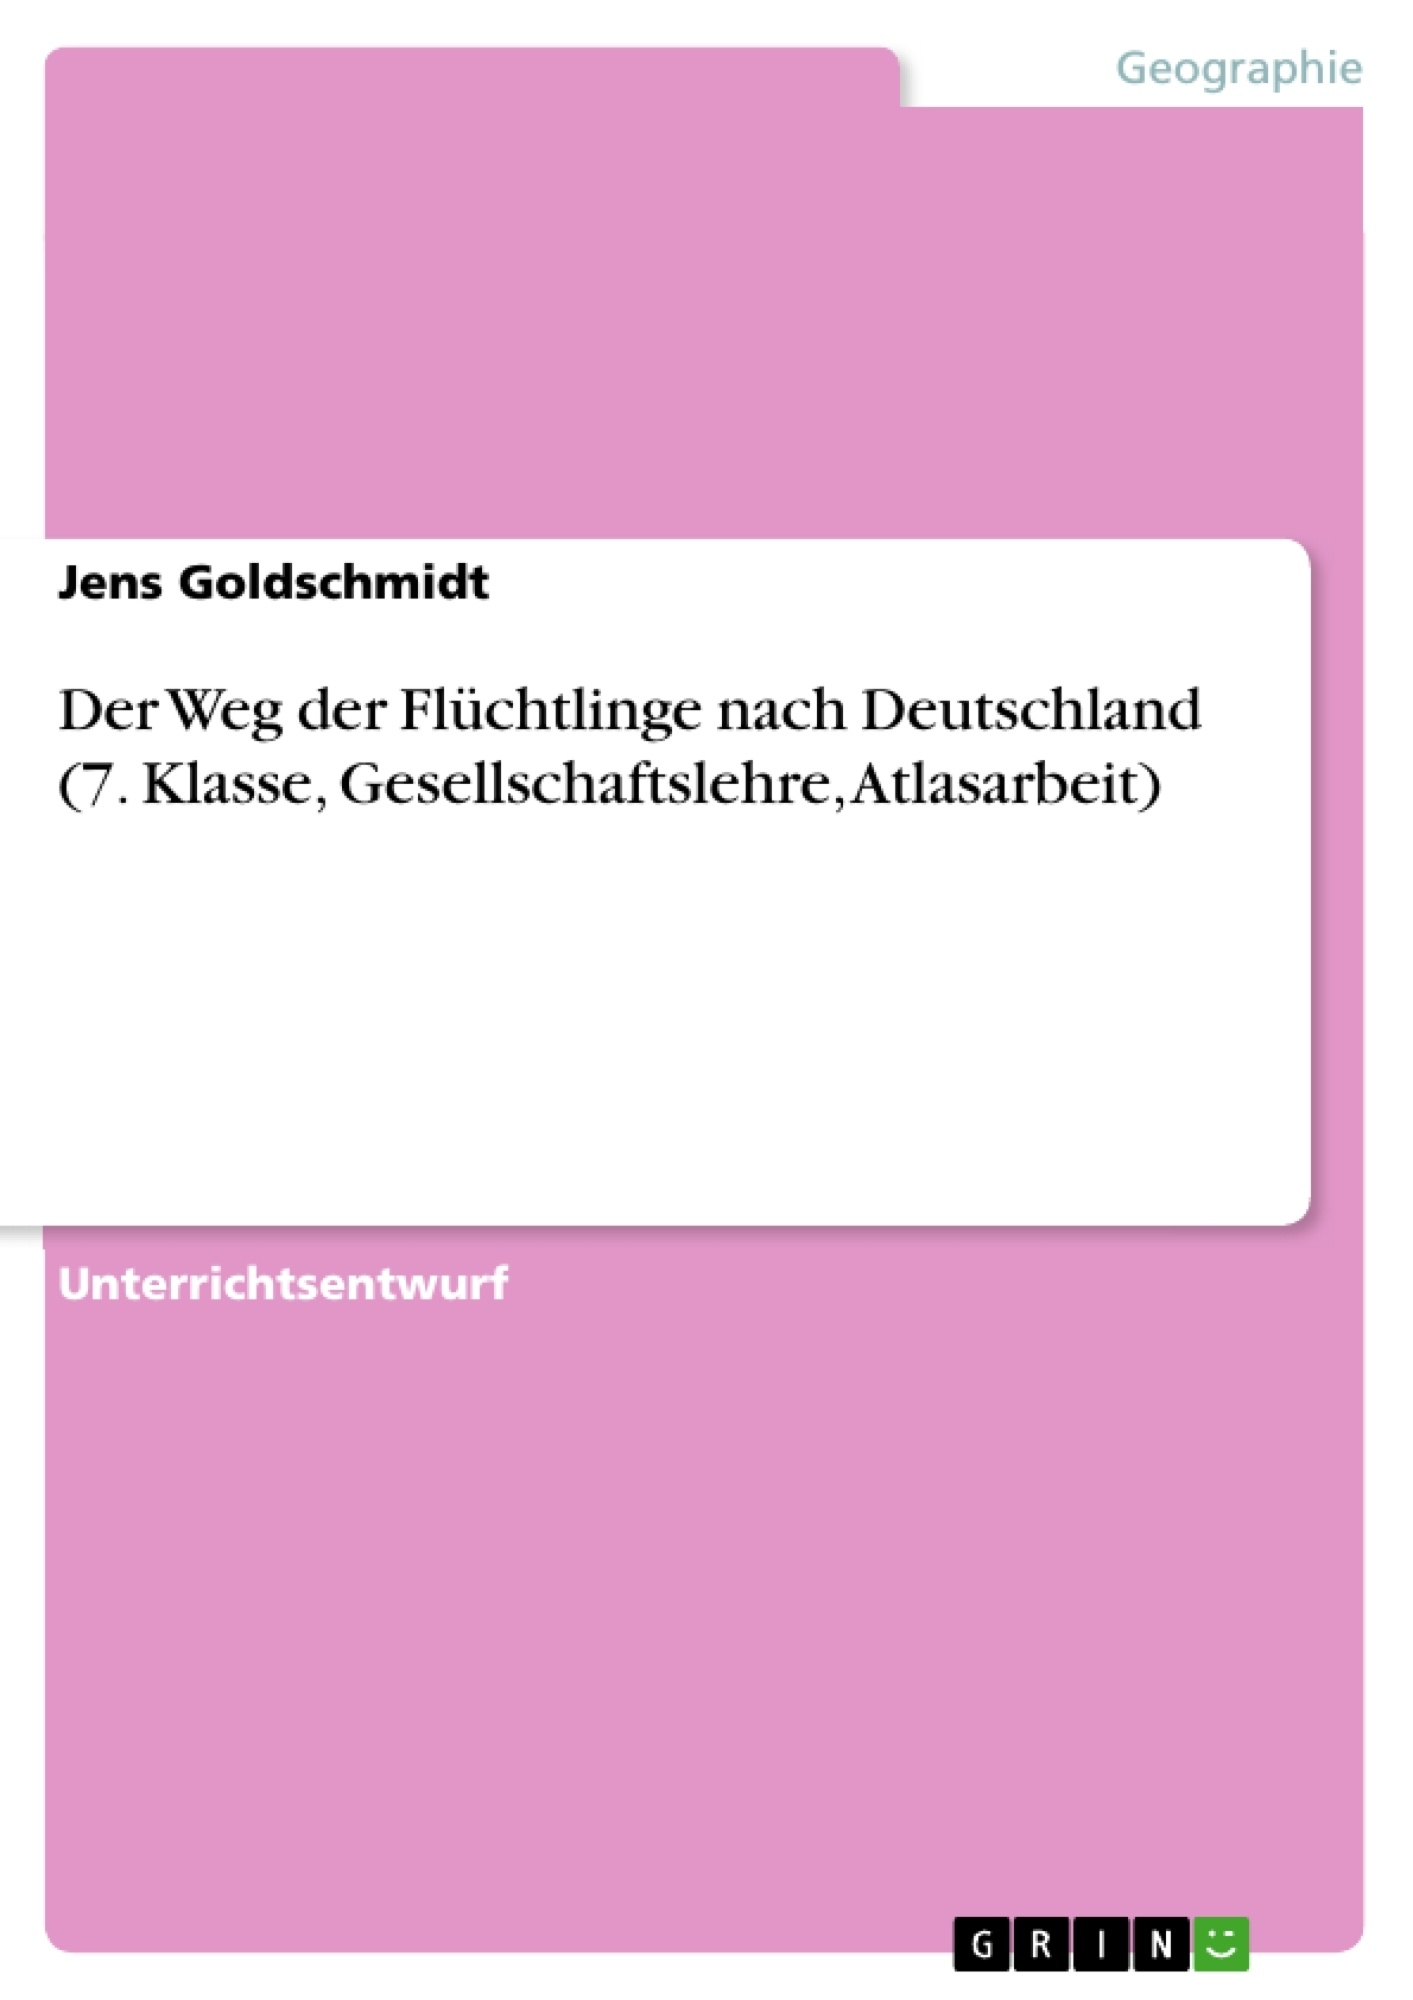 Titel: Der Weg der Flüchtlinge nach Deutschland (7. Klasse, Gesellschaftslehre, Atlasarbeit)